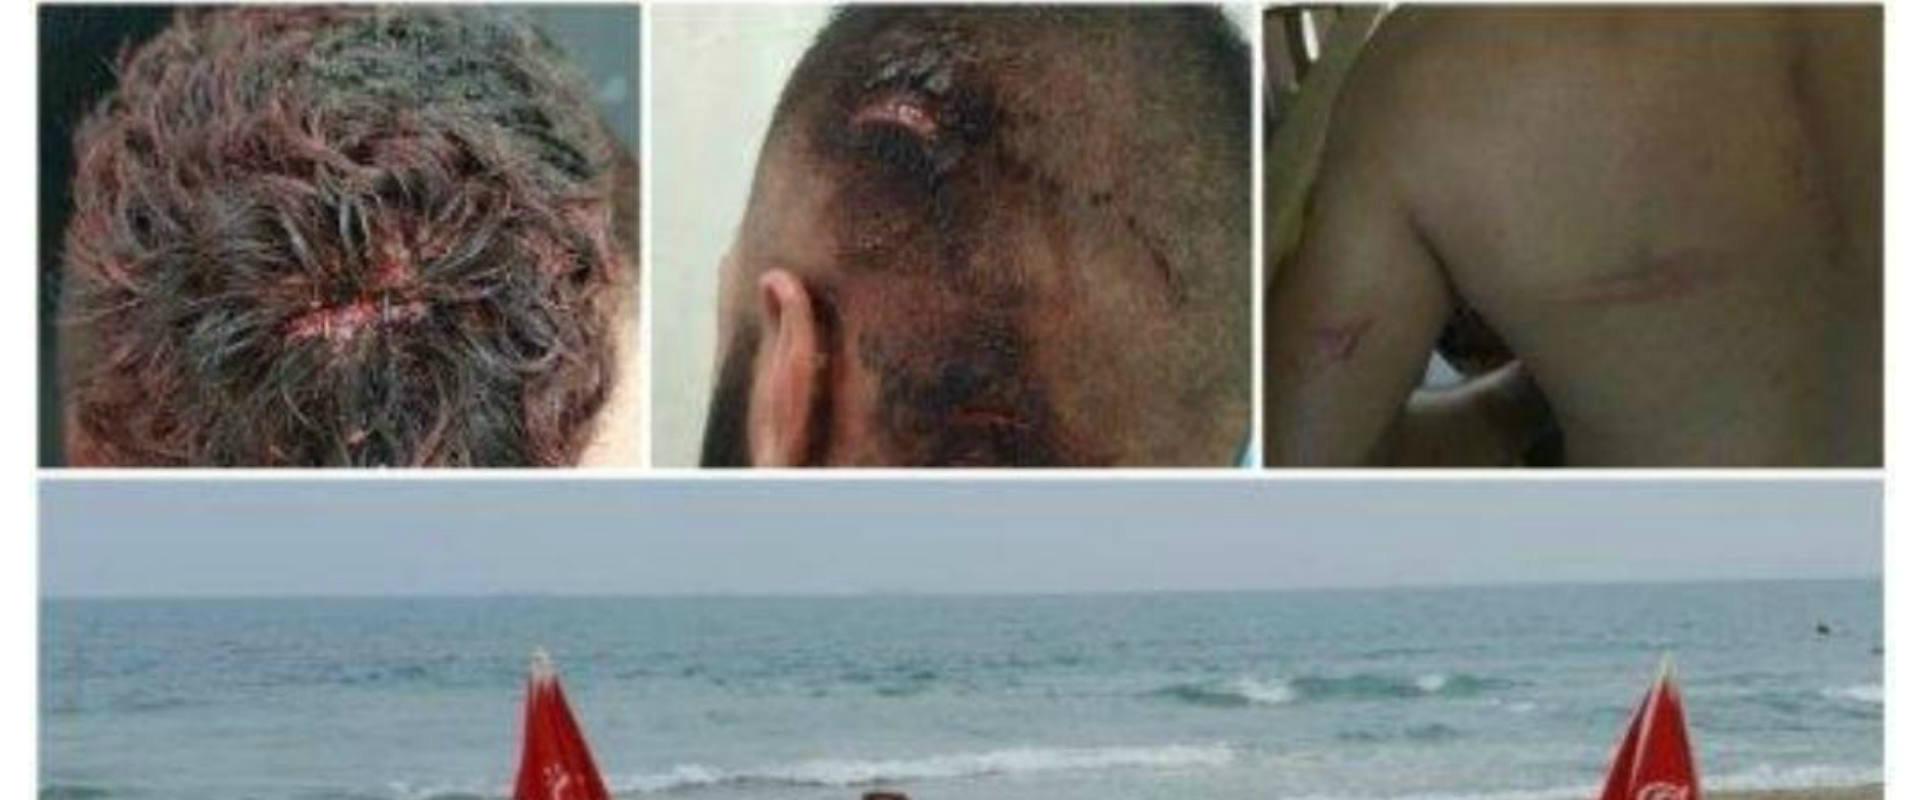 שלושת תושבי שפרעם שהותקפו ונפצעו